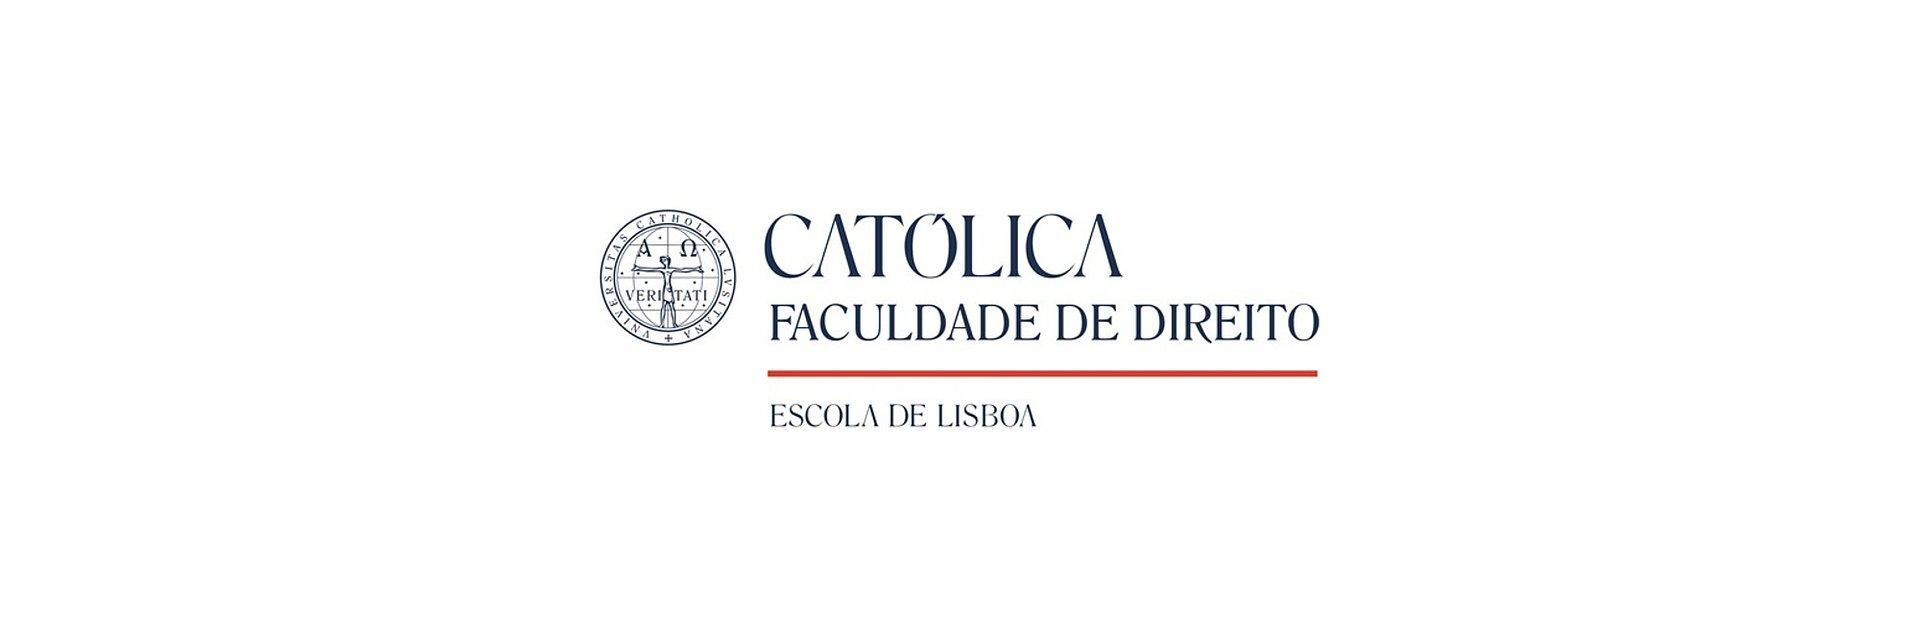 Faculdade de Direito da Universidade Católica Portuguesa debate atualidade fiscal europeia